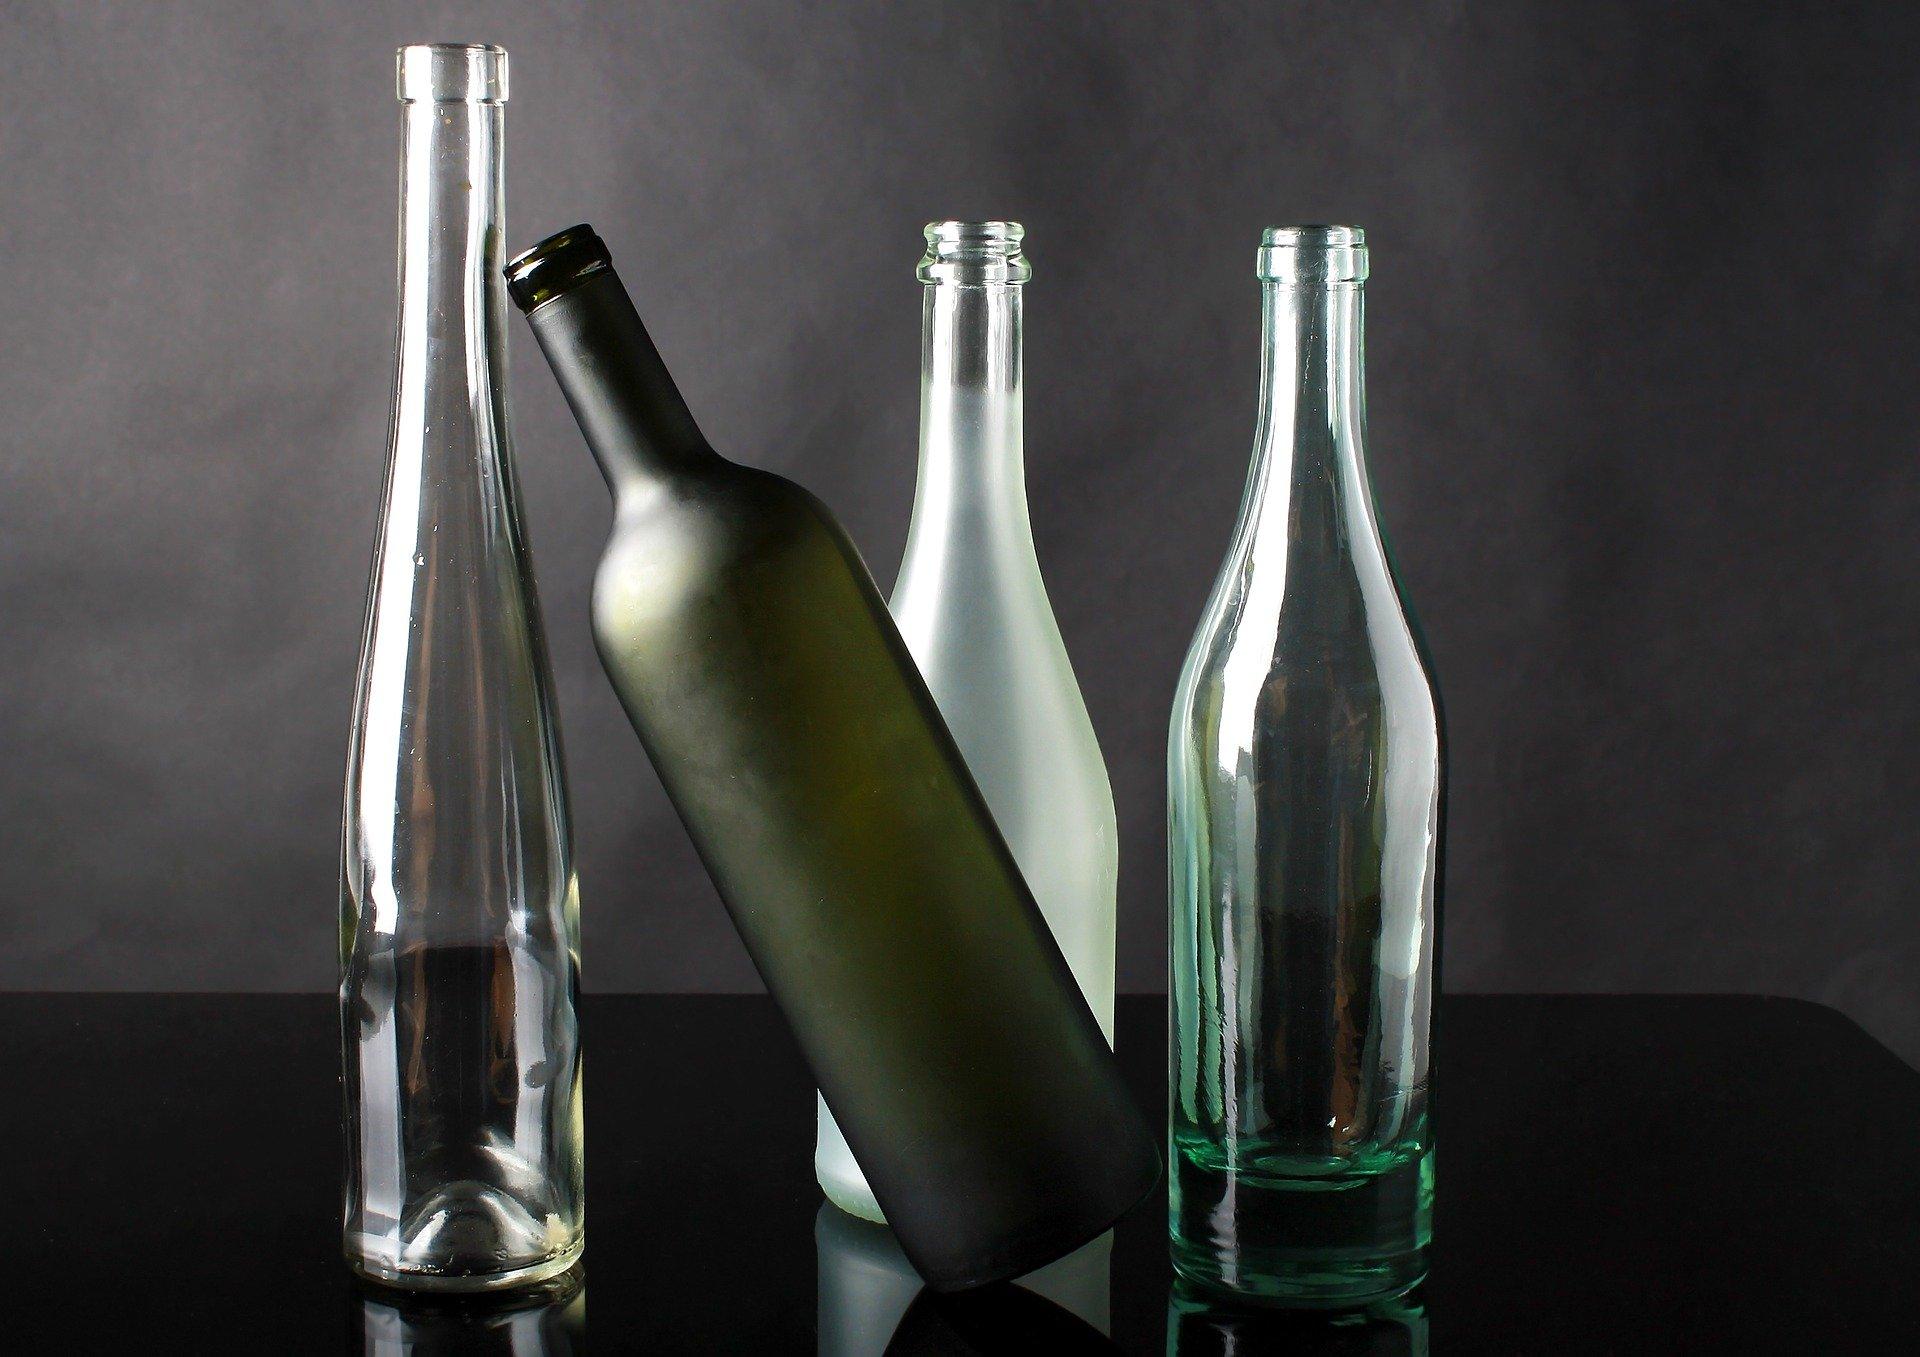 Une opération de recyclage des bouteilles en verre lancée par les rhums Clément